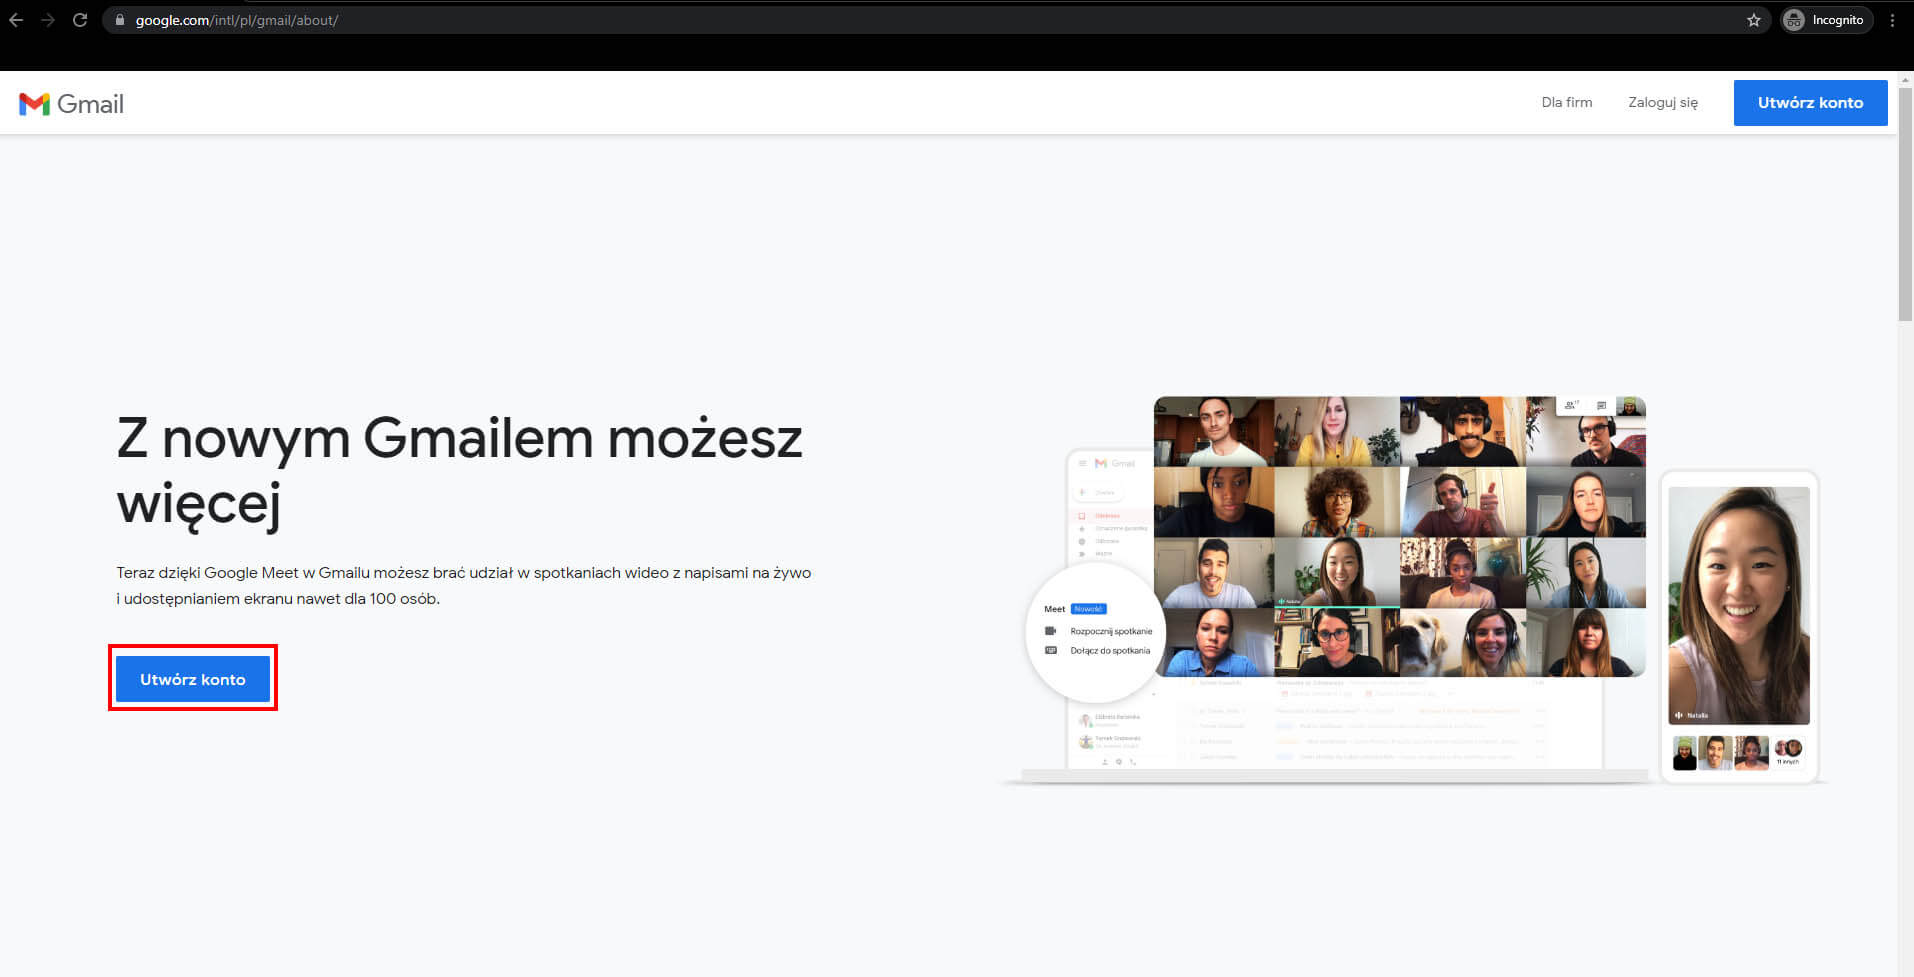 Tworzenie konta gmail